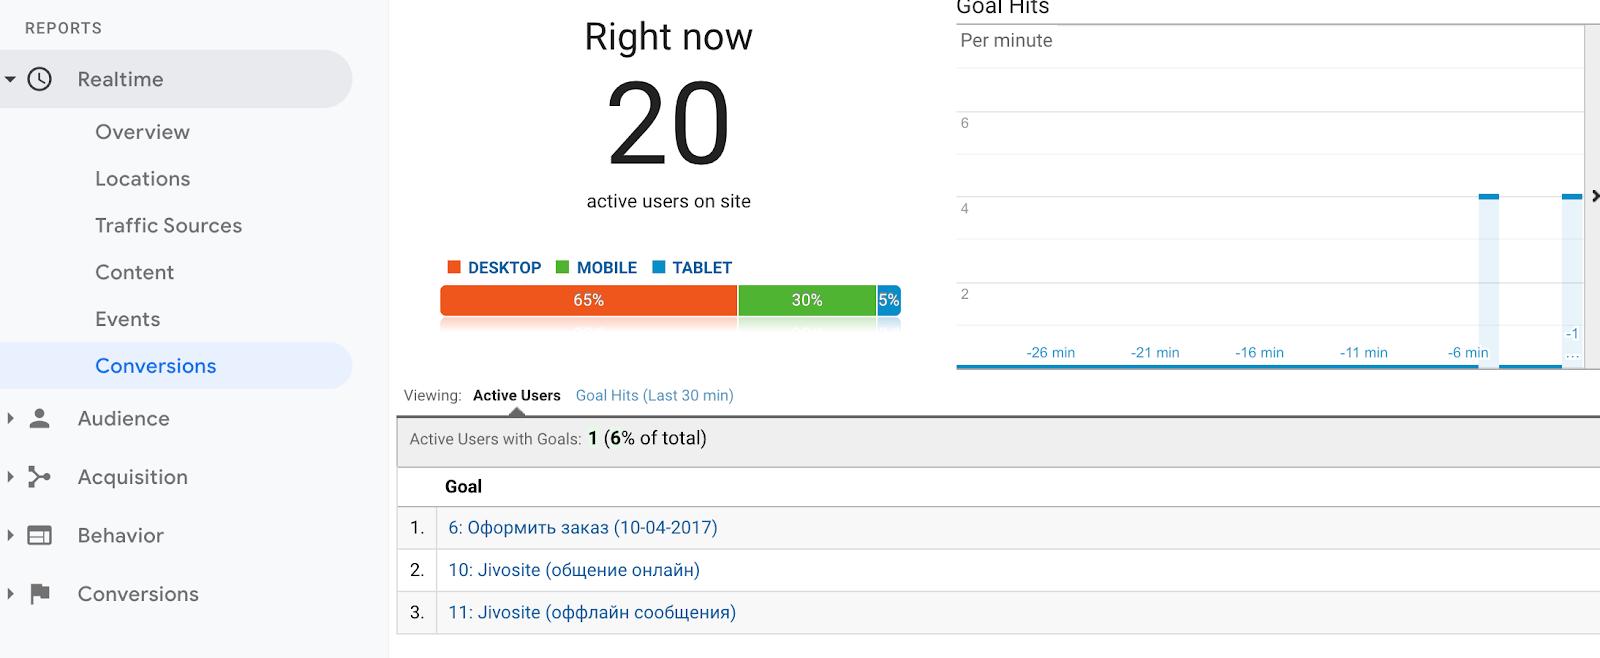 Отчет в режиме реального времени в Google аналитике